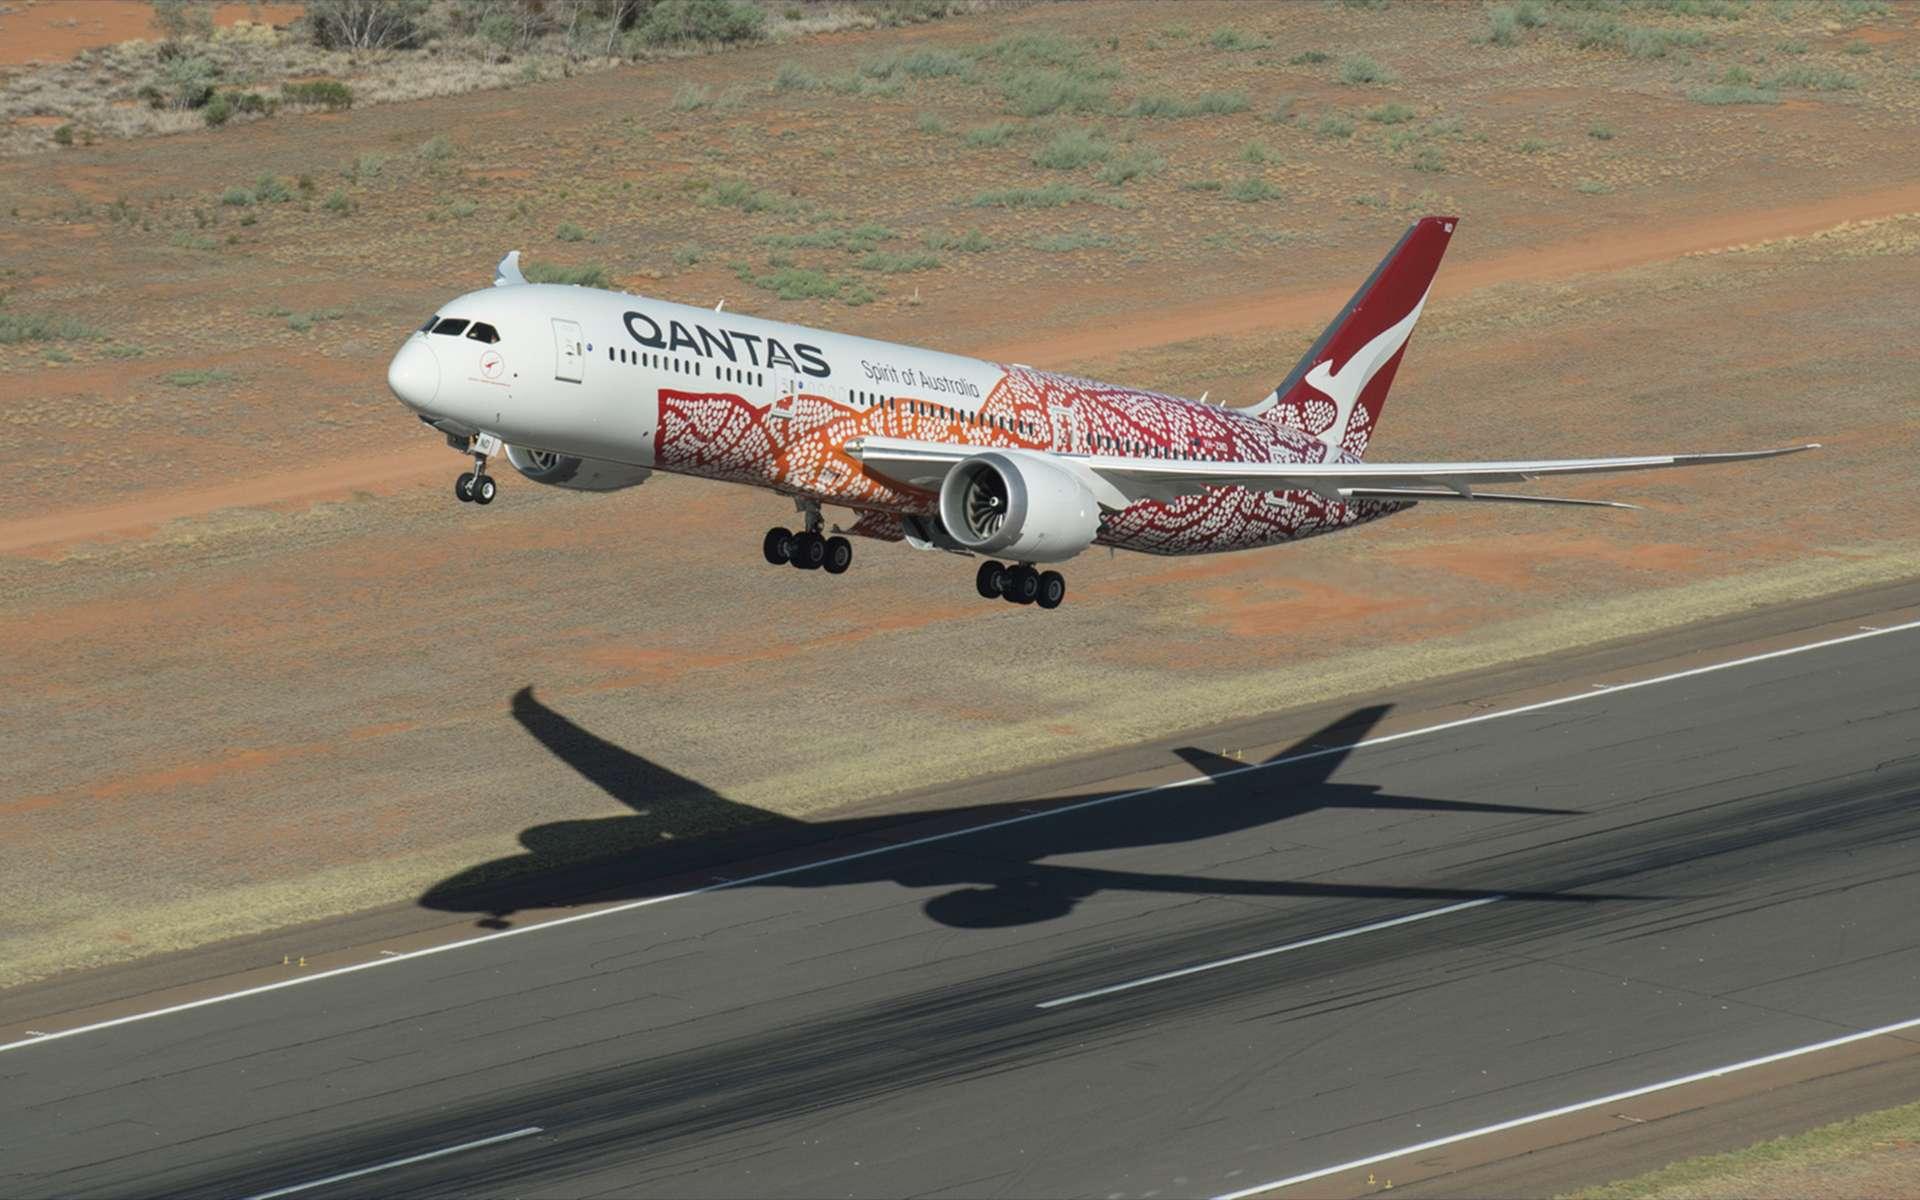 La compagnie australienne Qantas utilisera un Boeing 787-9 pour ses vols d'essais de très longue durée. © Qantas